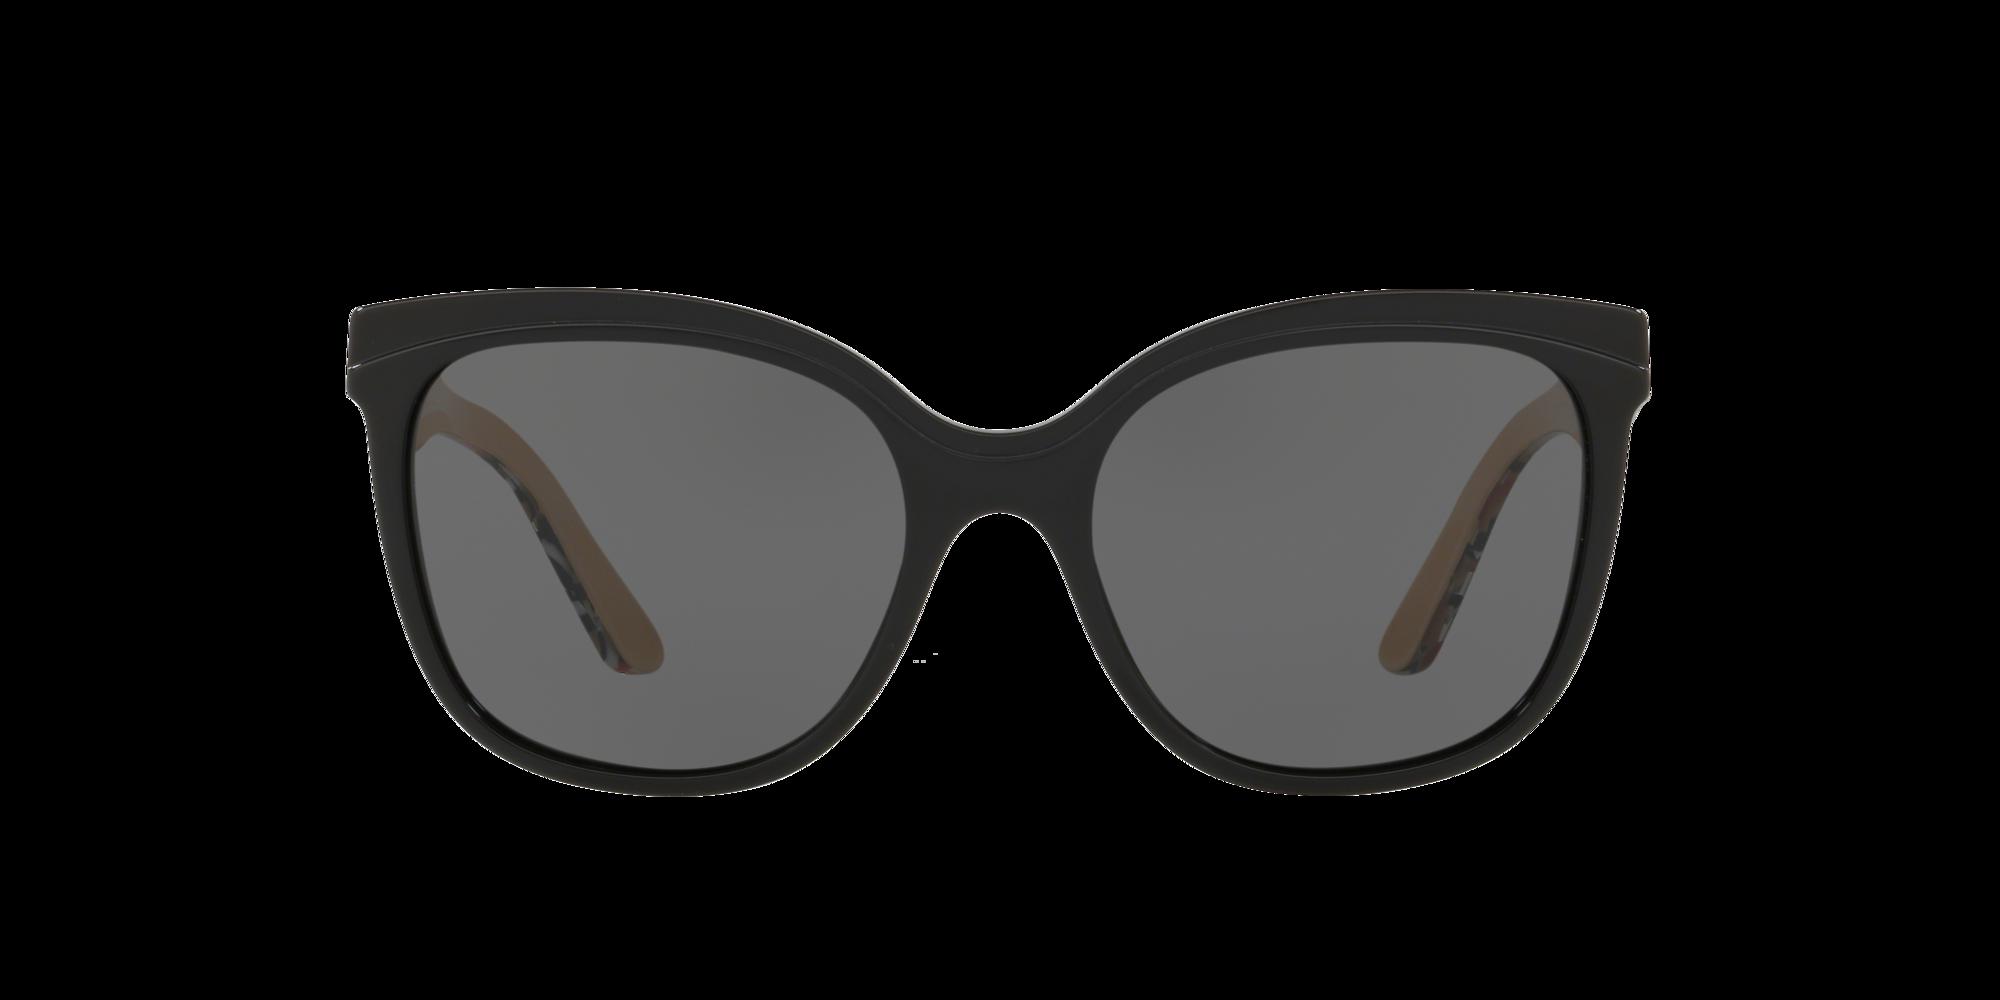 Imagen para BE4270 55 de LensCrafters |  Espejuelos, espejuelos graduados en línea, gafas